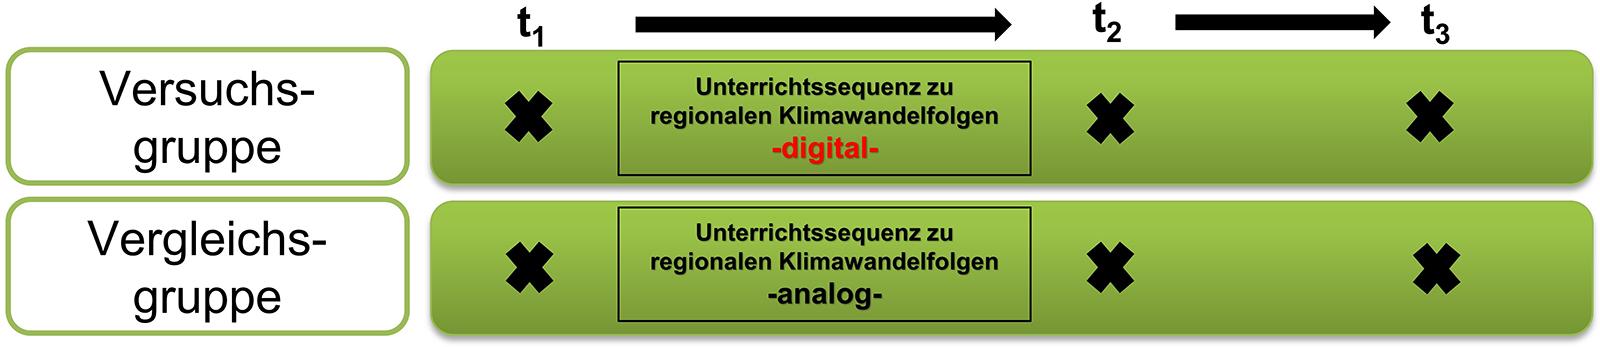 Zwei-Gruppen-Untersuchungsdesign mit drei Messzeitpunkten: In der Versuchsgruppe Unterricht mit digitalen Arbeitsweisen zu regionalen Klimawandelfolgen, in der Vergleichsgruppe Unterricht auf analoger Basis | Baytreenet, FAU